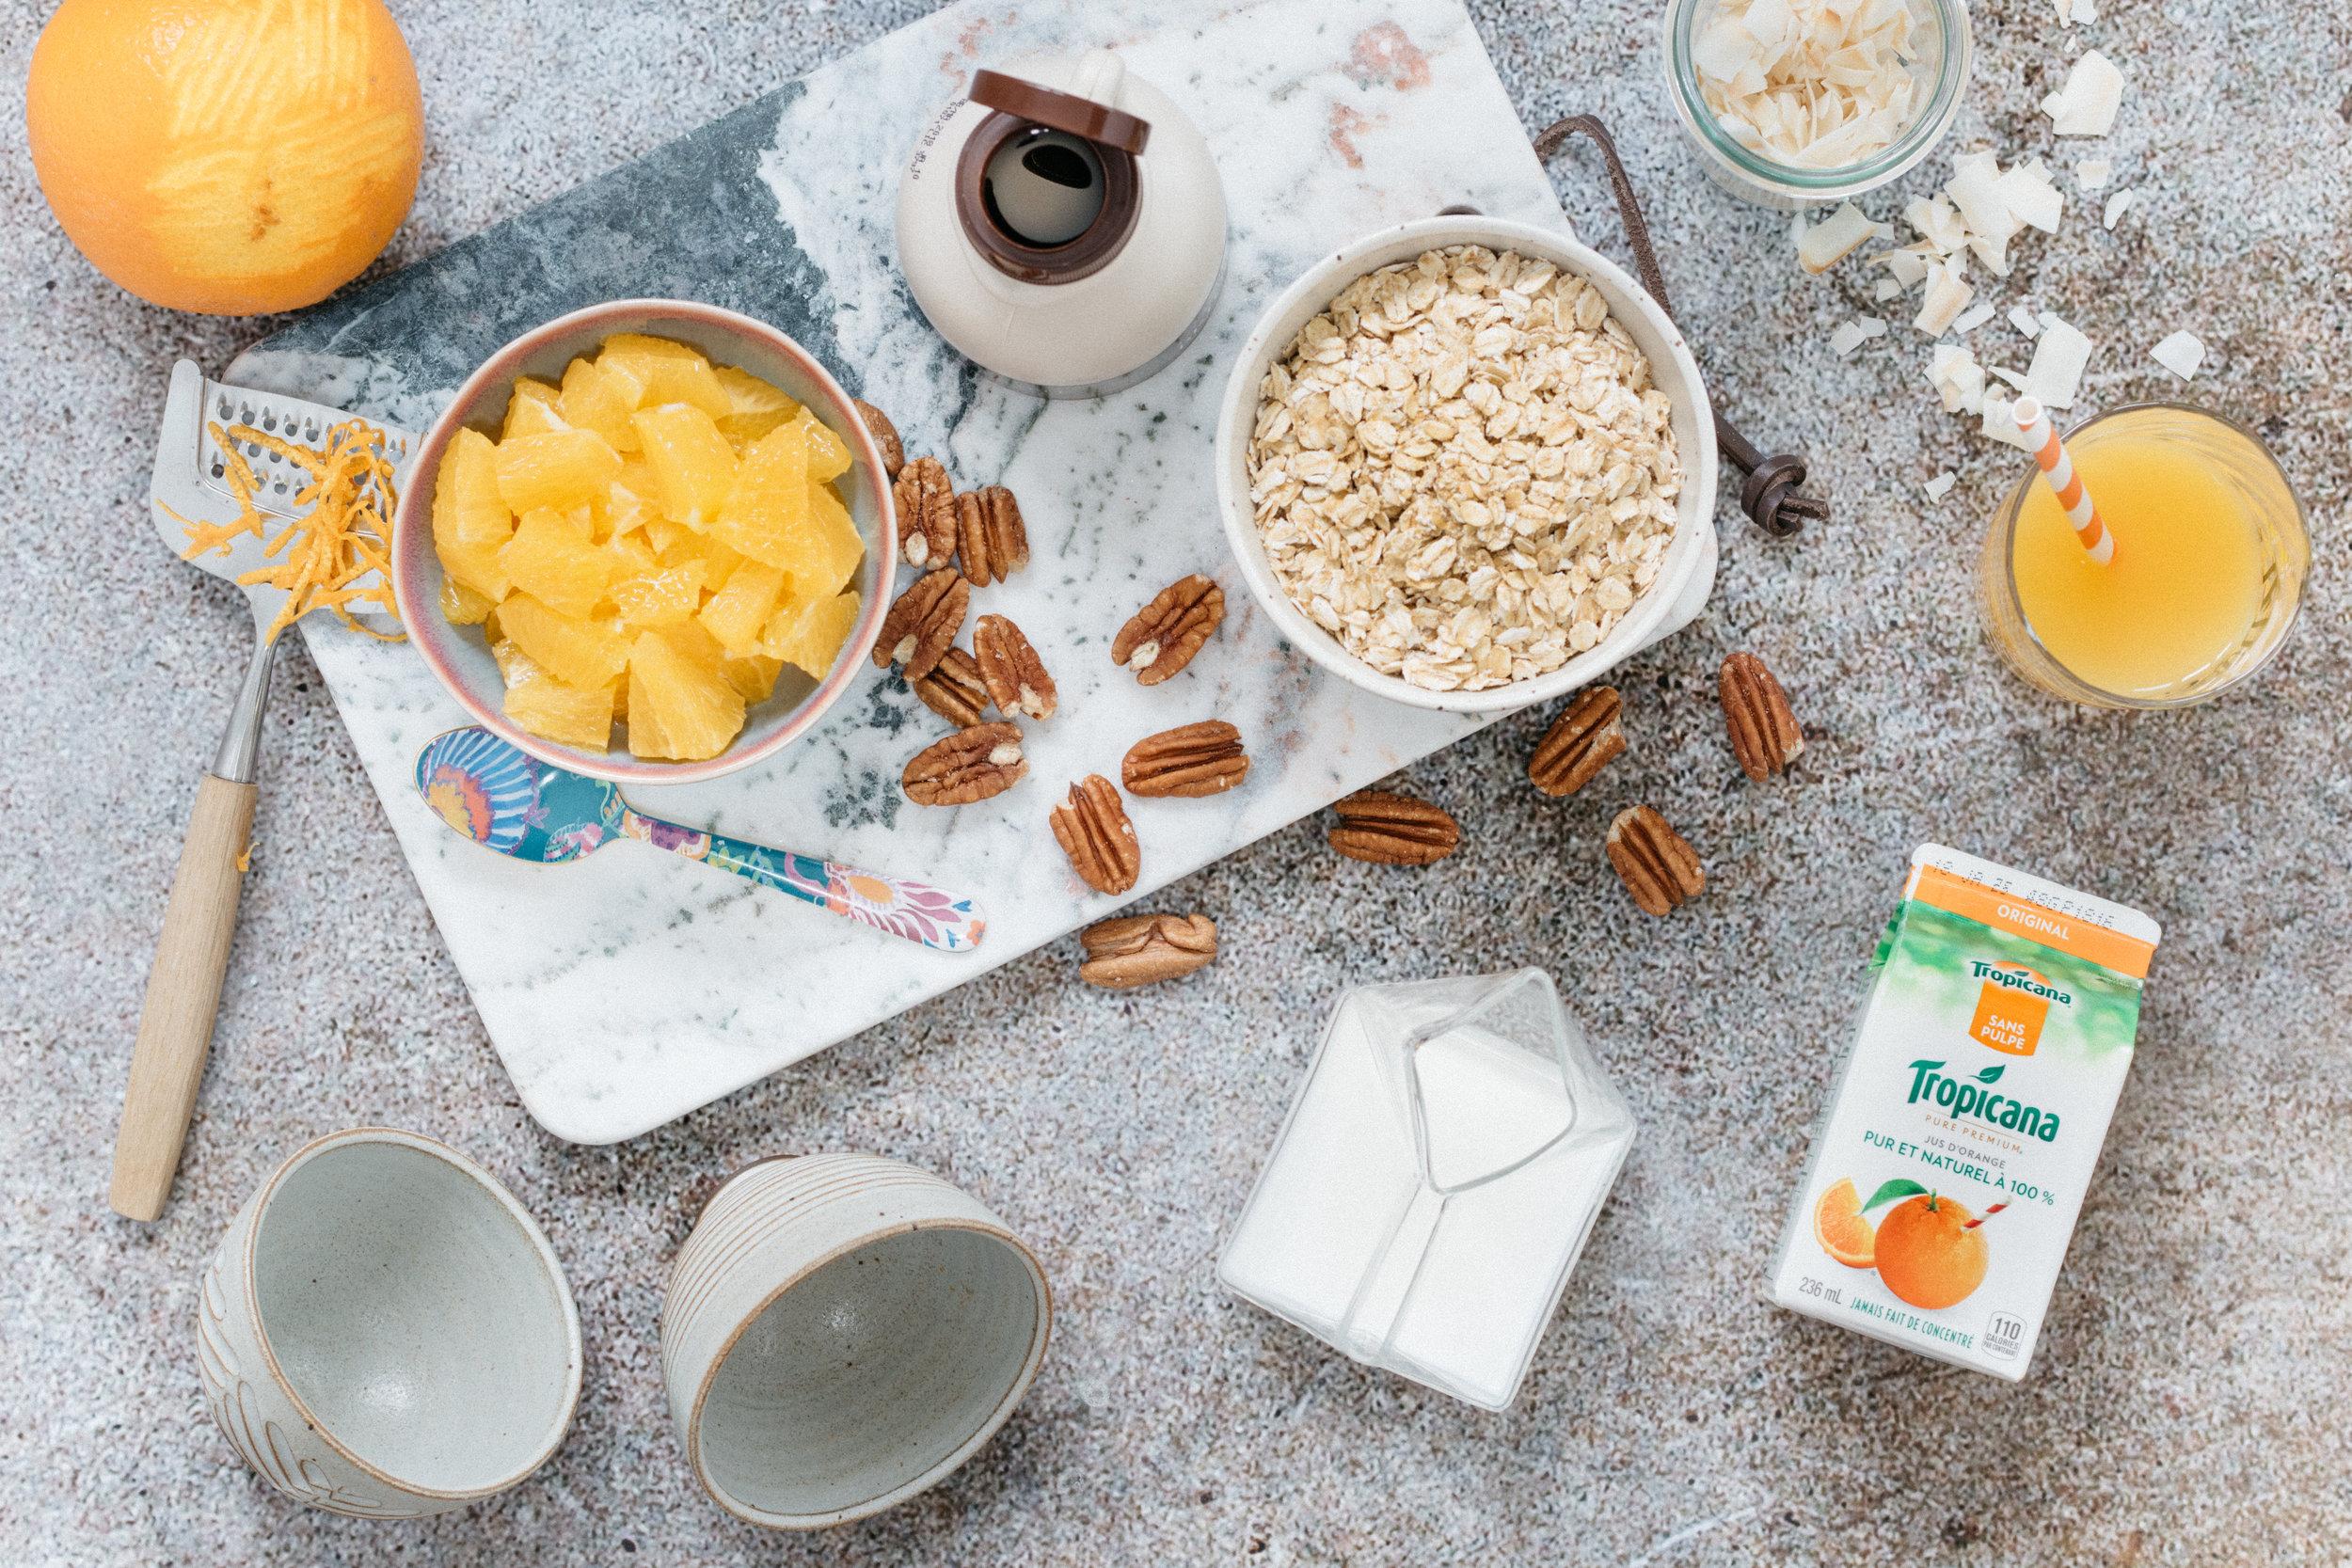 Liste d'ingrédients -  Overnight oats  à l'orange Photographie et stylisme culinaire : Hubert Cormier